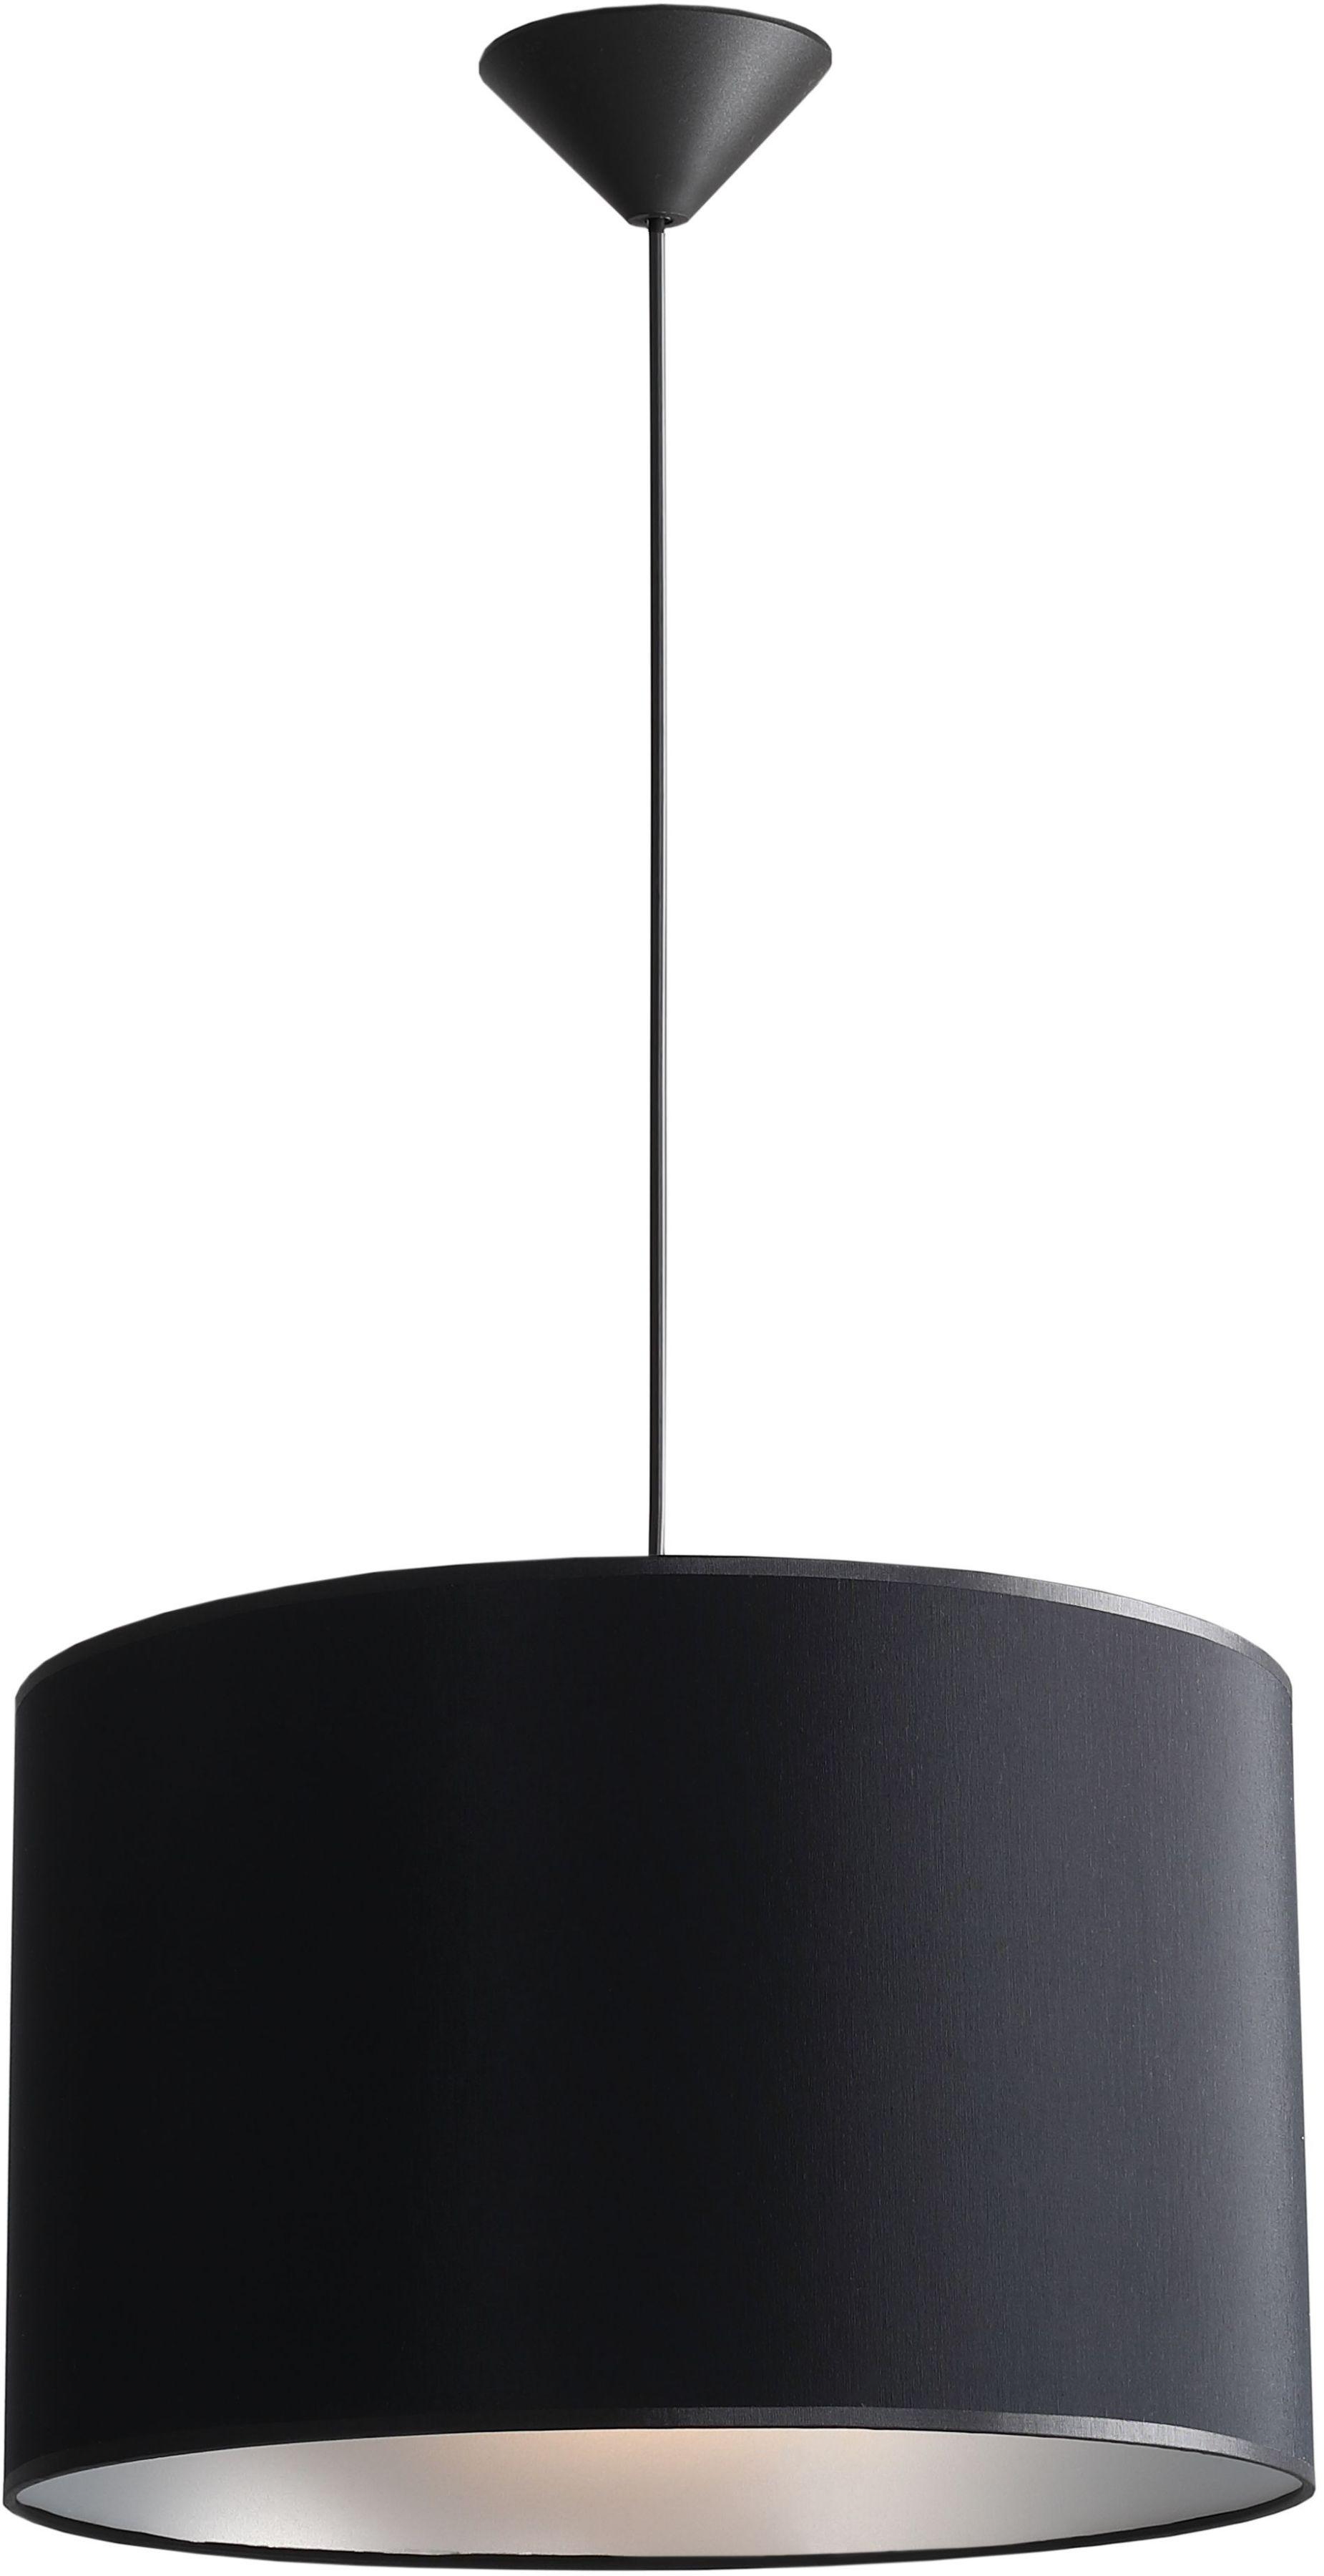 Lampa wisząca Barilla czarno srebrna 954G - Aldex Do -17% rabatu w koszyku i darmowa dostawa od 299zł !